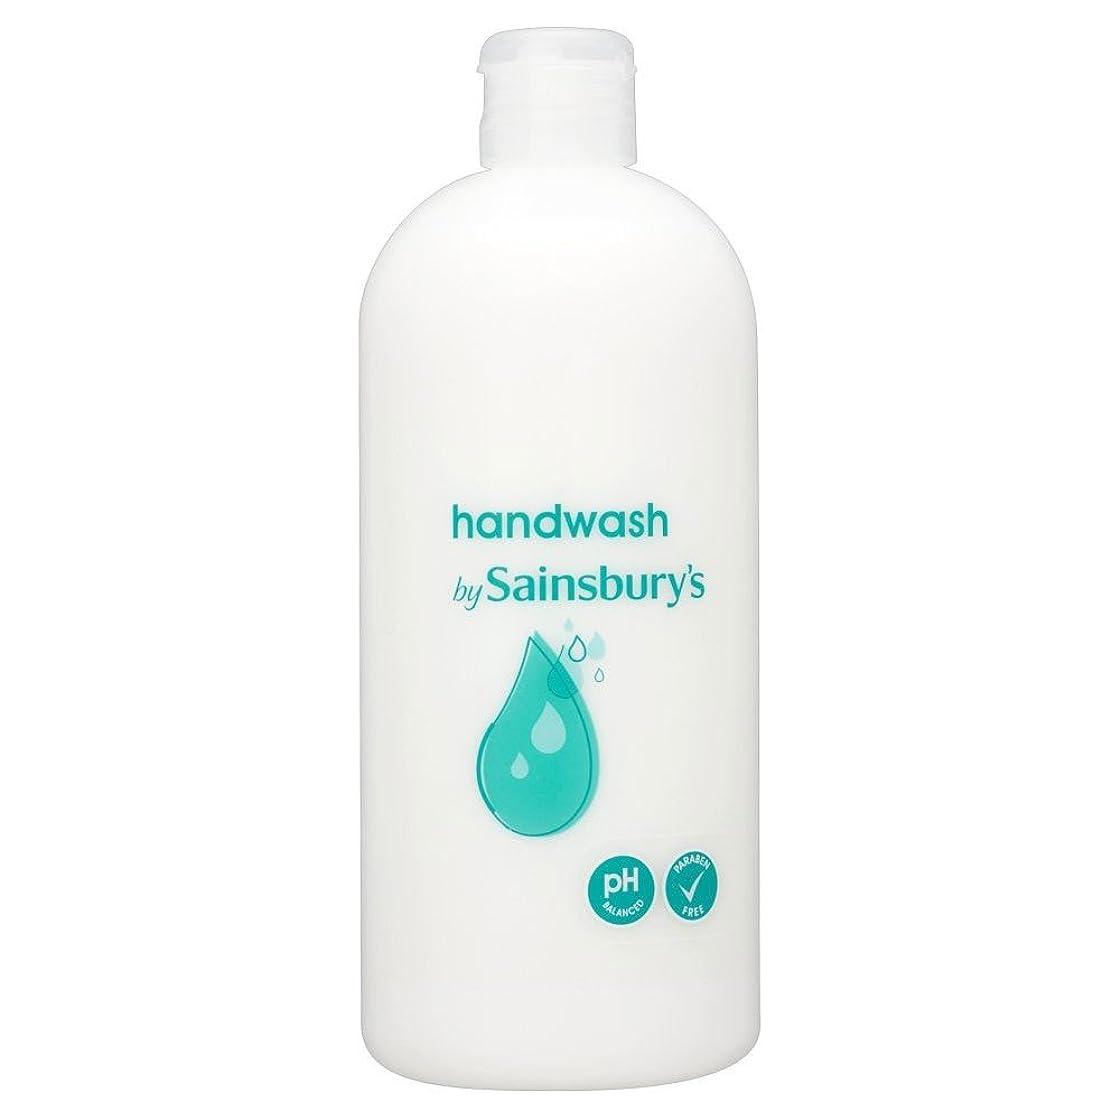 辞任彼女の回転させるSainsbury's Handwash, White Refill 500ml (Pack of 6) - (Sainsbury's) 手洗い、白リフィル500ミリリットル (x6) [並行輸入品]